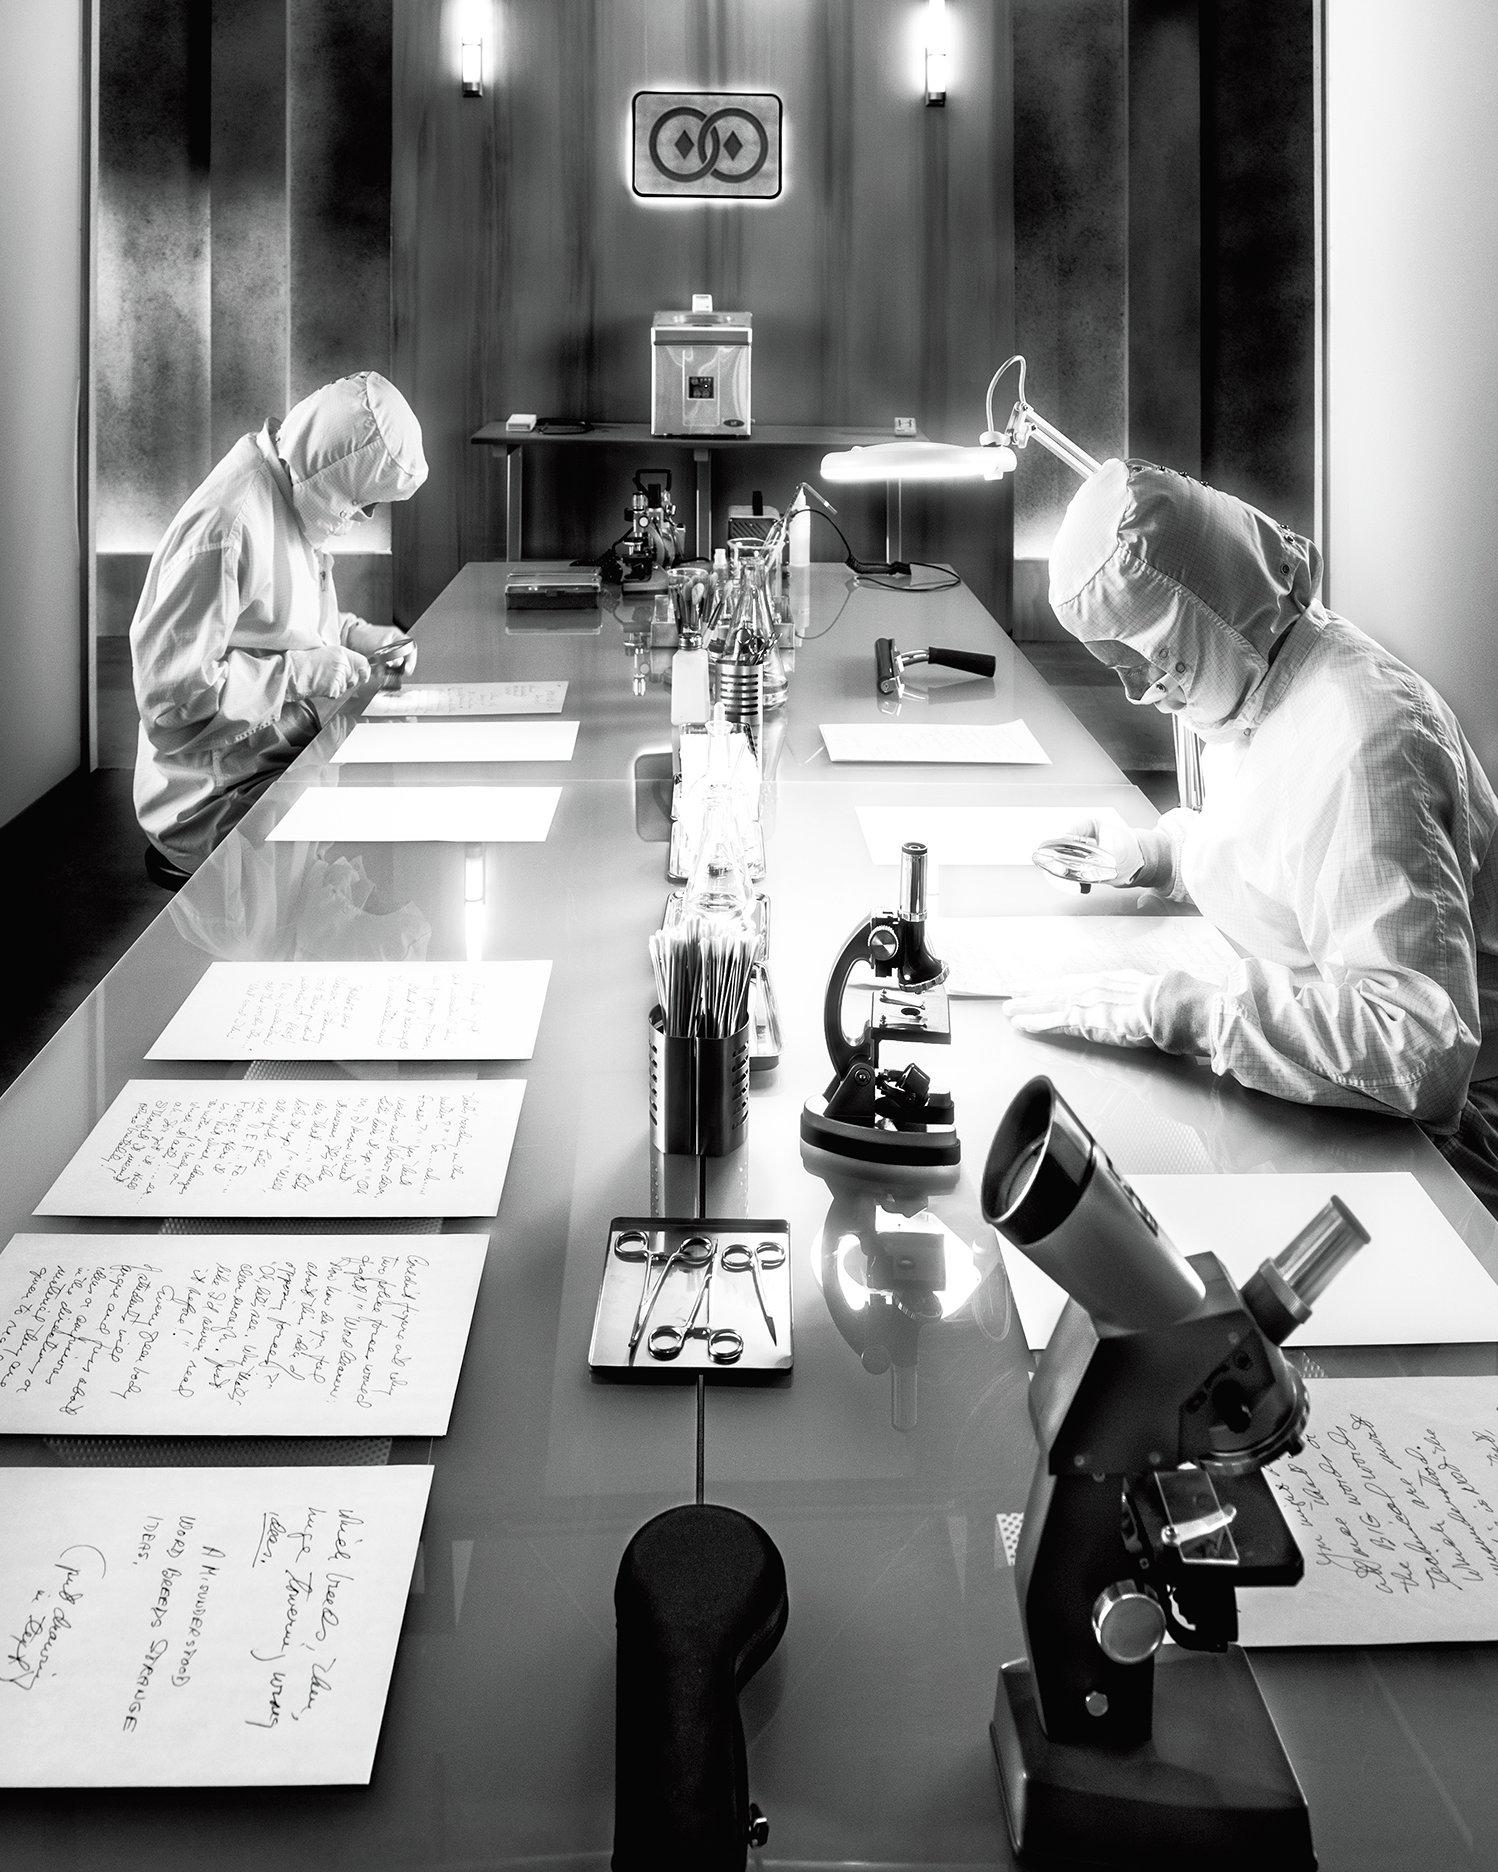 Das Archivprojekt der Scientology